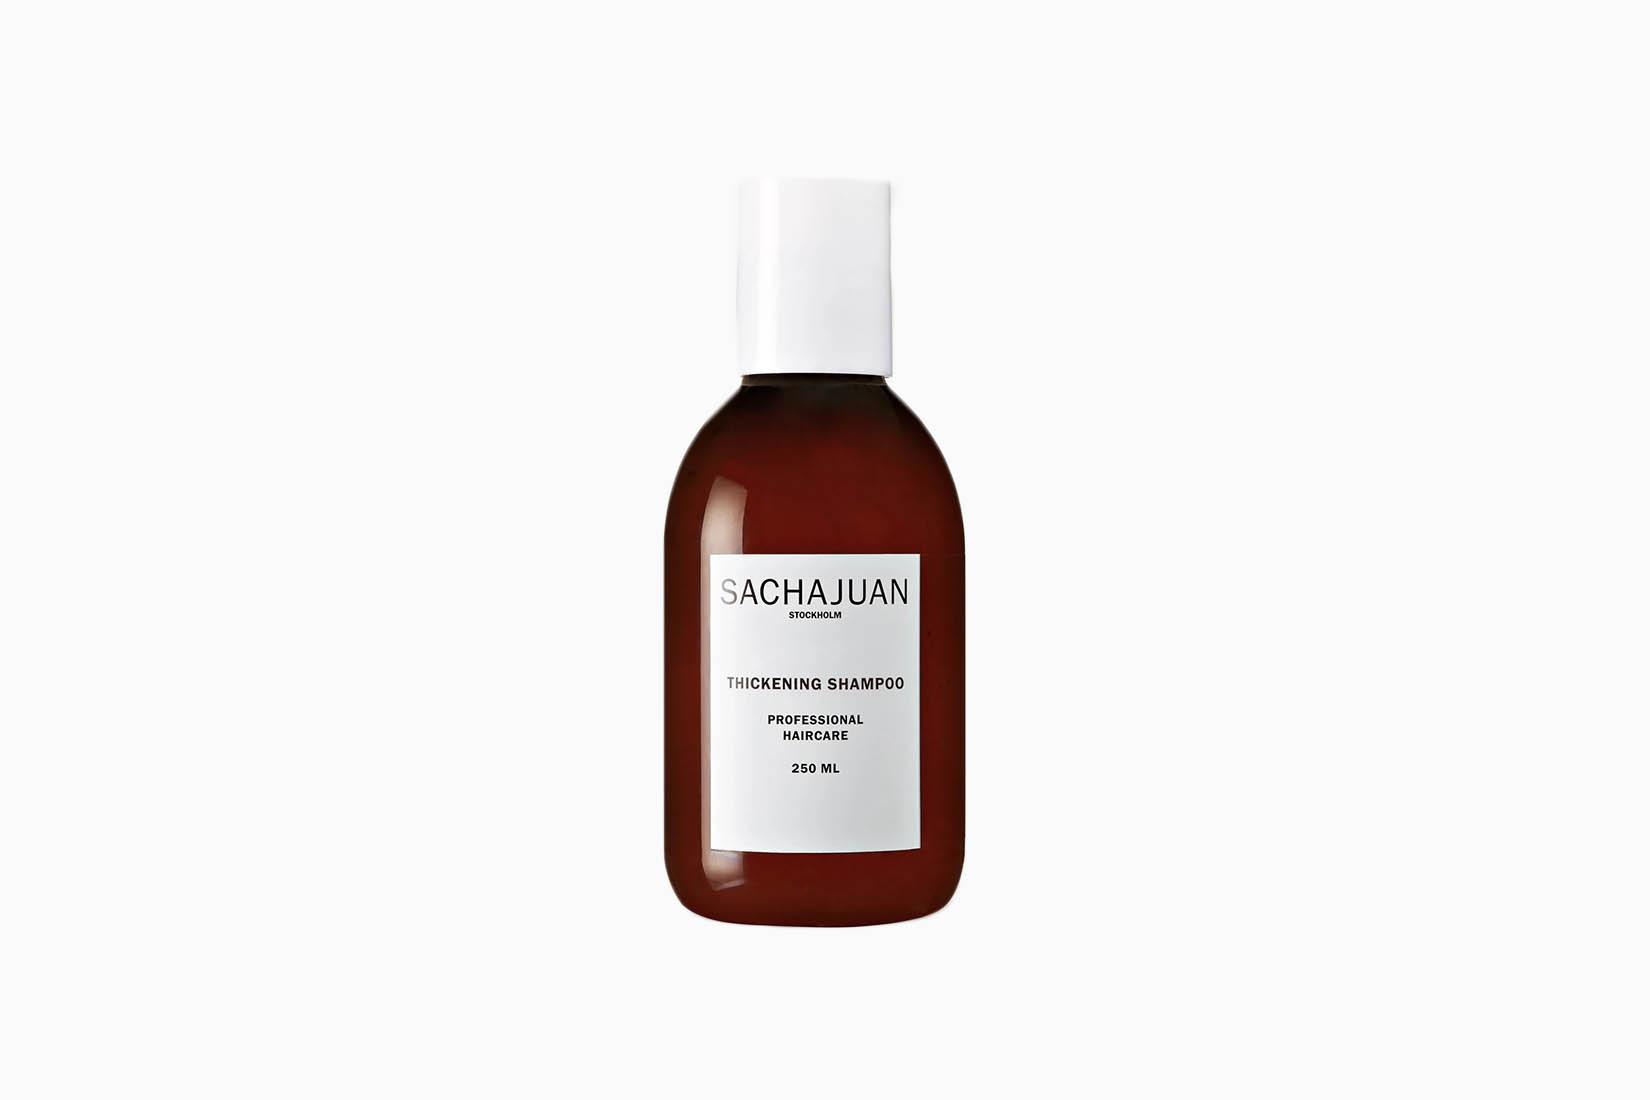 Best Hair Loss Shampoo Men Sachajaun Review - Luxe Digital